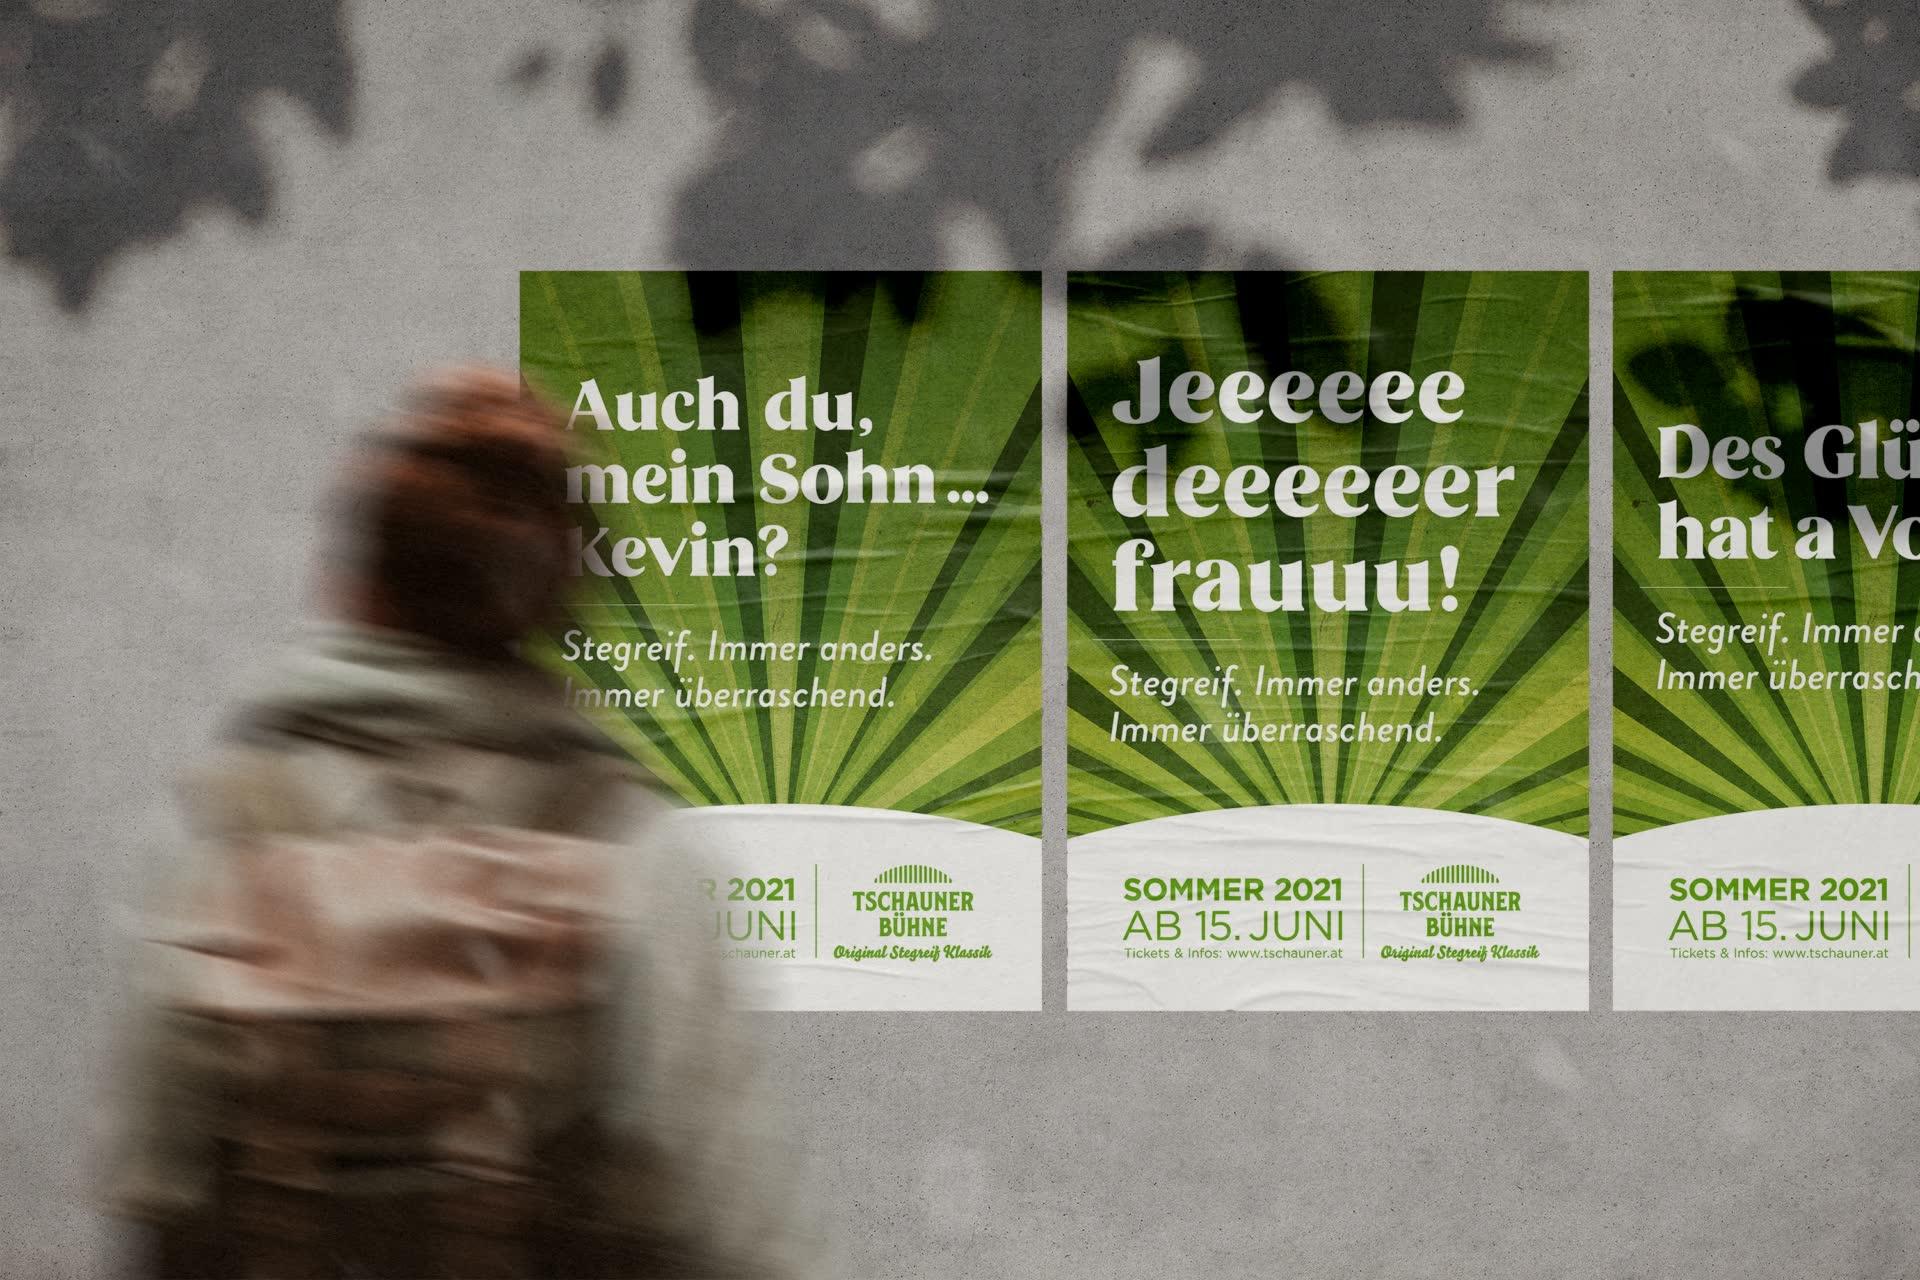 TB_Original-Stegreif-Klassik_Poster-1_lowRes